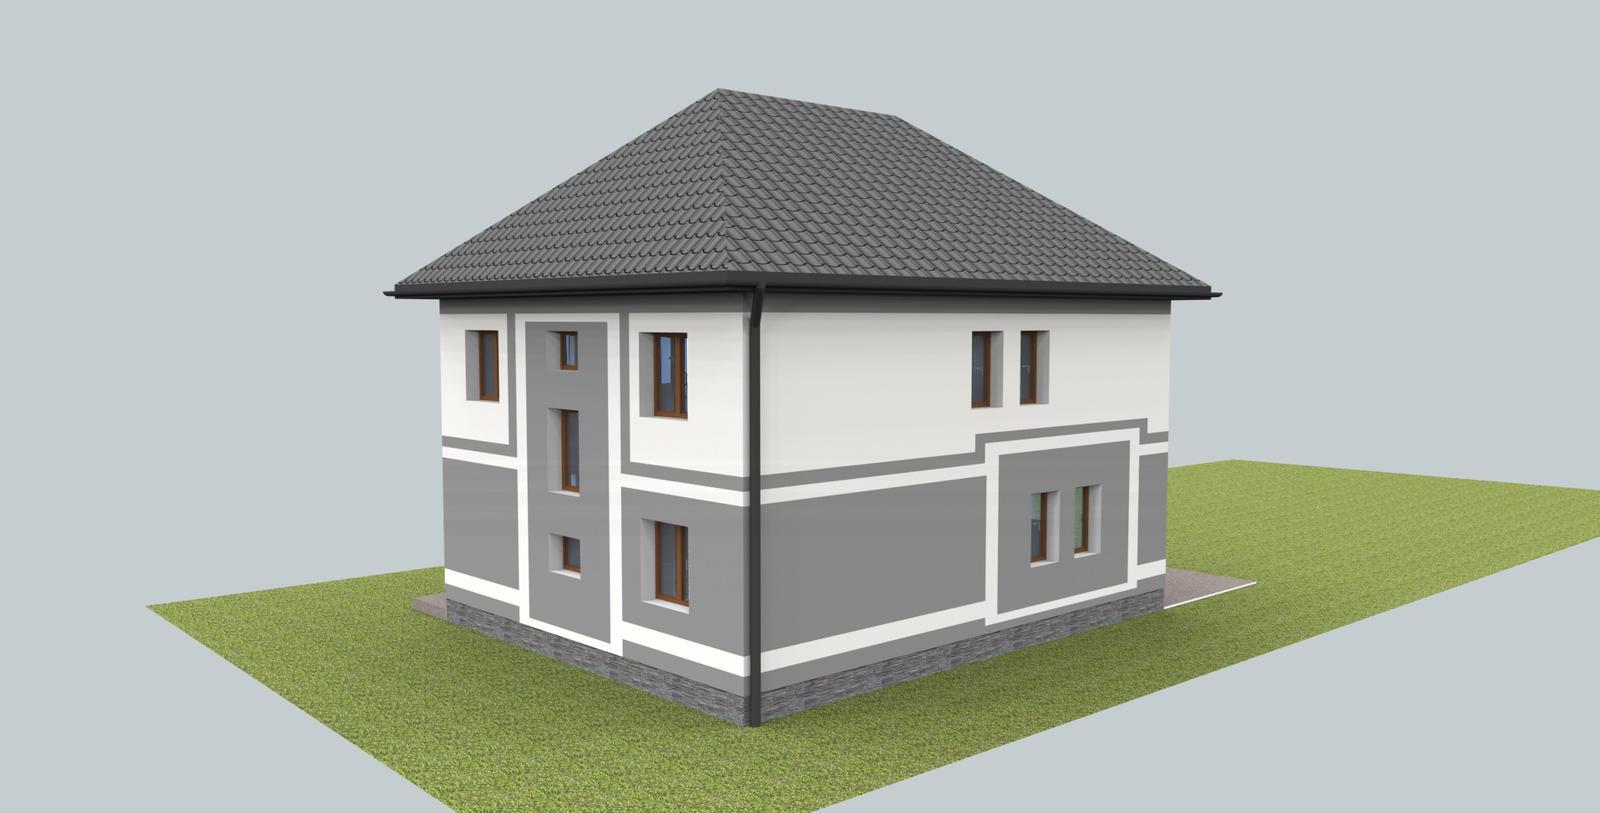 Návrh fasády s oplotením - Obrázok č. 1